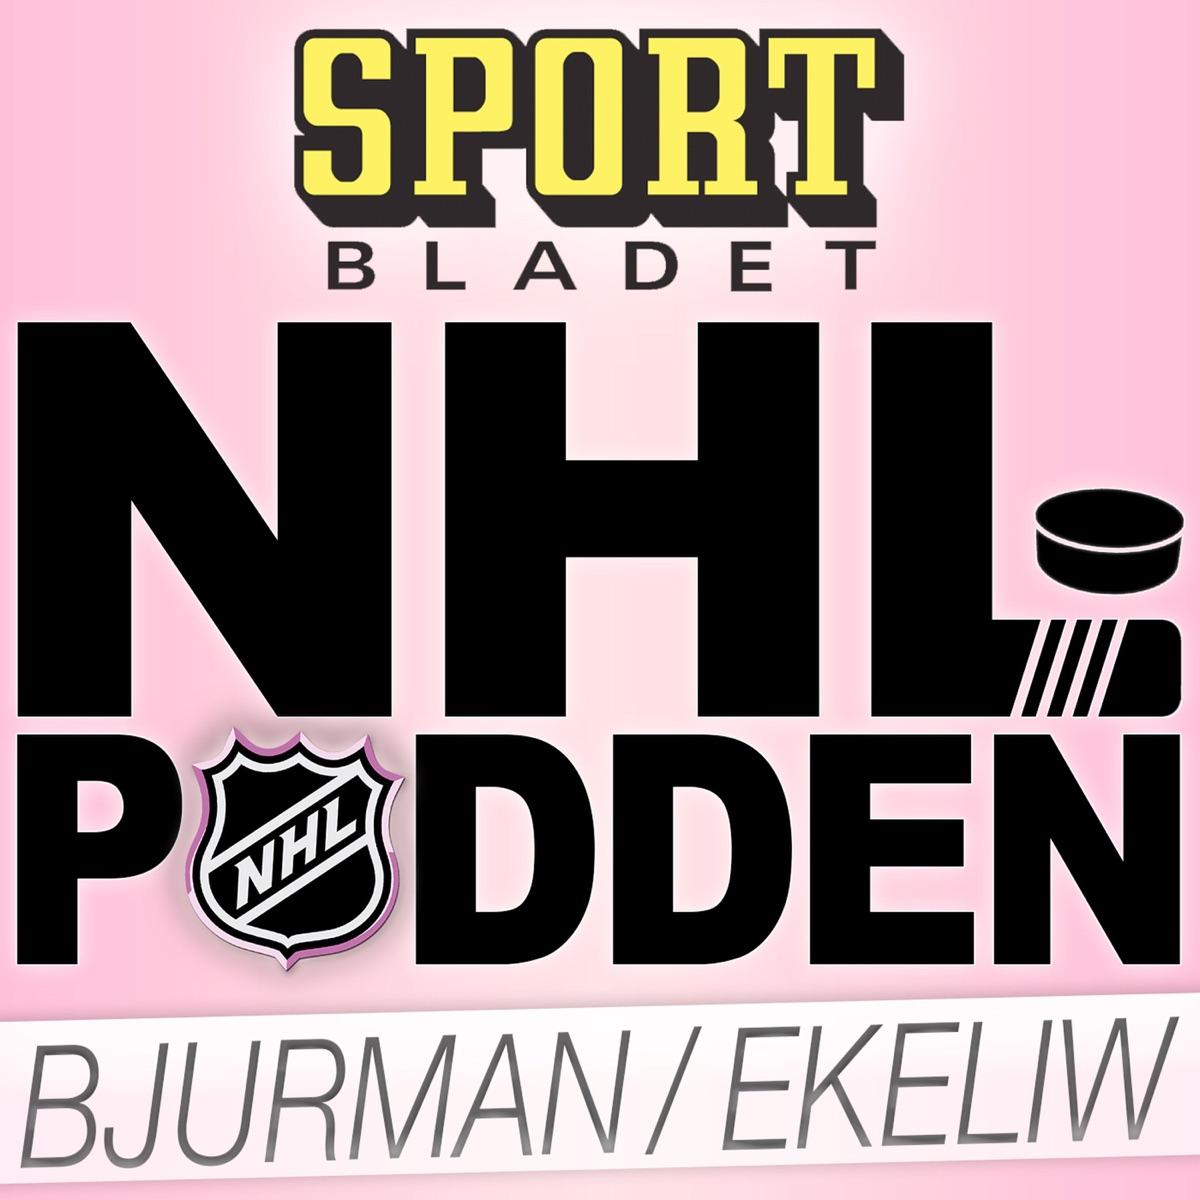 NHL-podden med Bjurman och Ekeliw